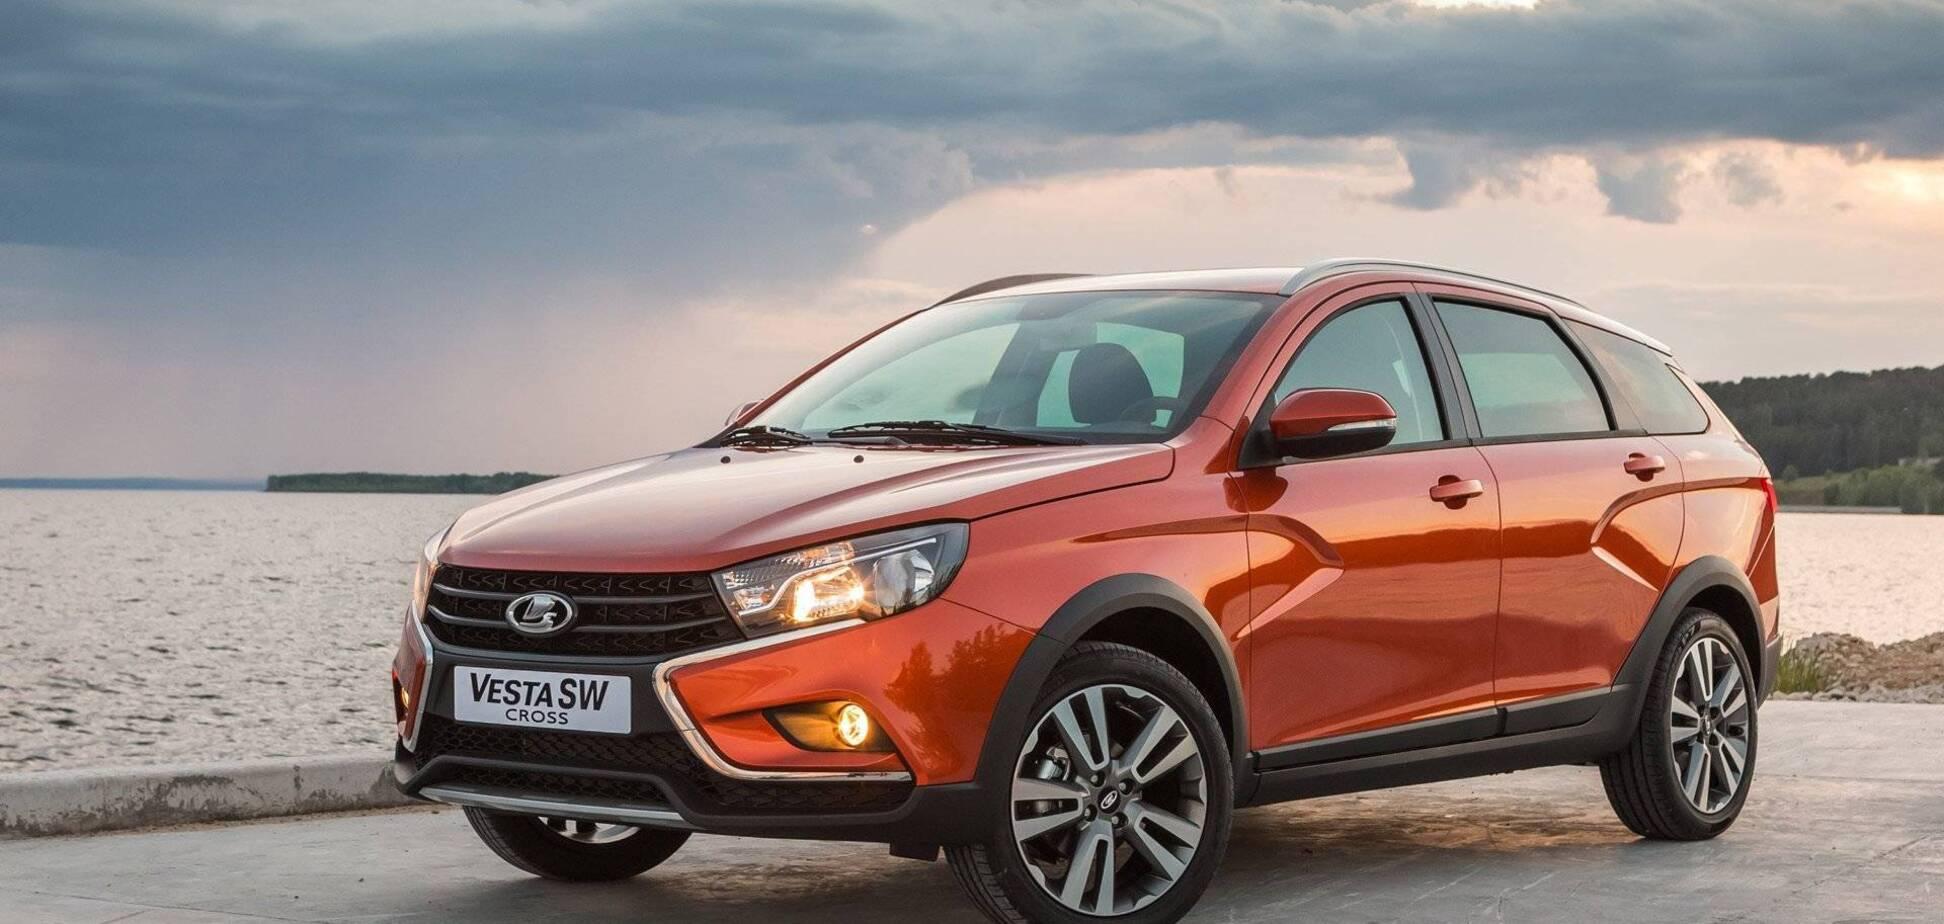 В Україні стали офіційно продавати автомобілі Lada складання ЗАЗ